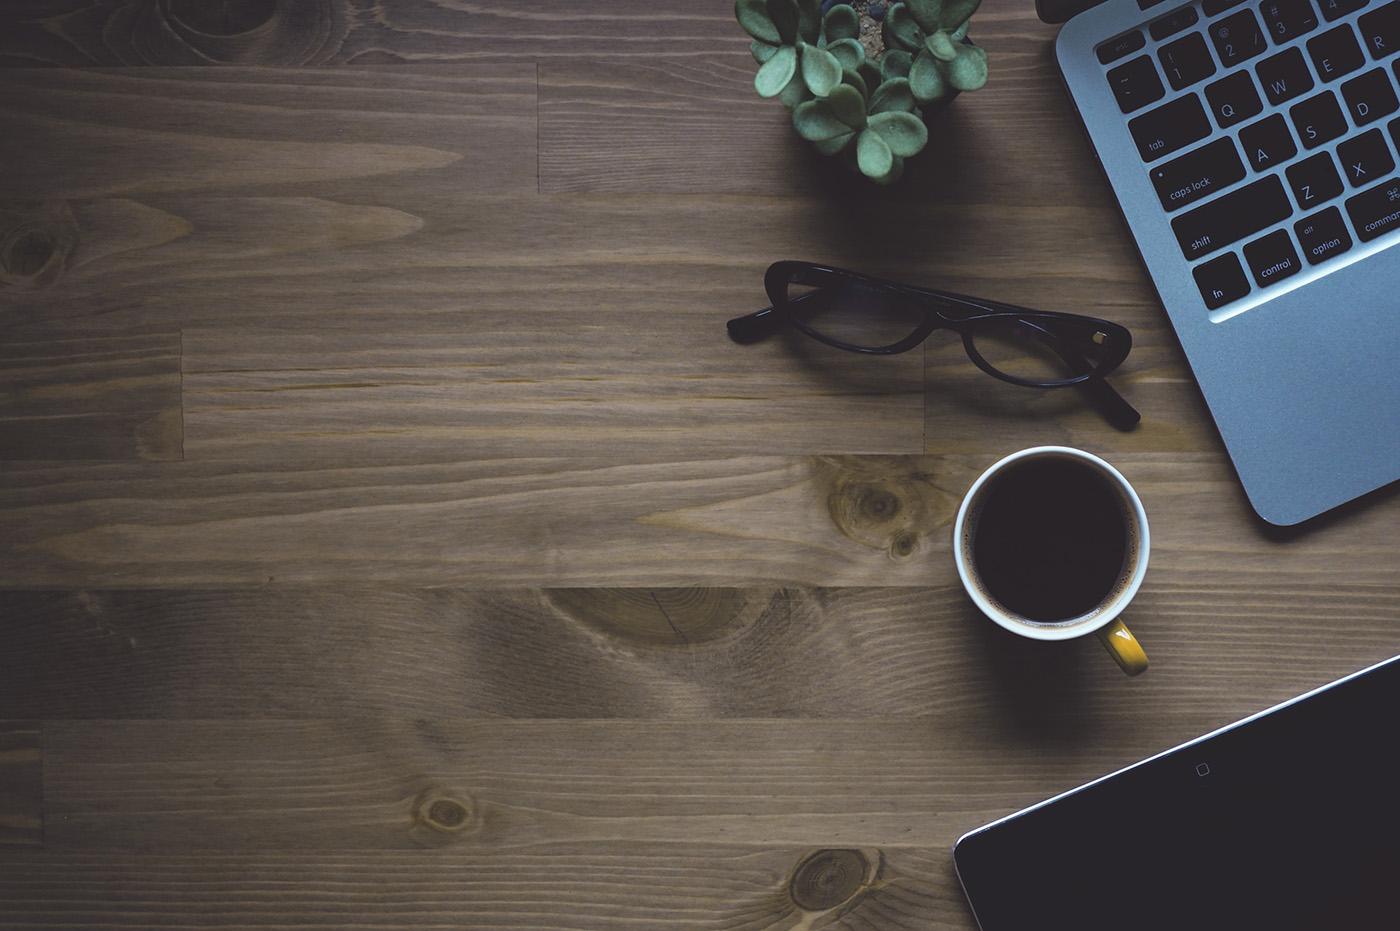 Work Desk with Coffee // Schreibtisch mit Kaffee